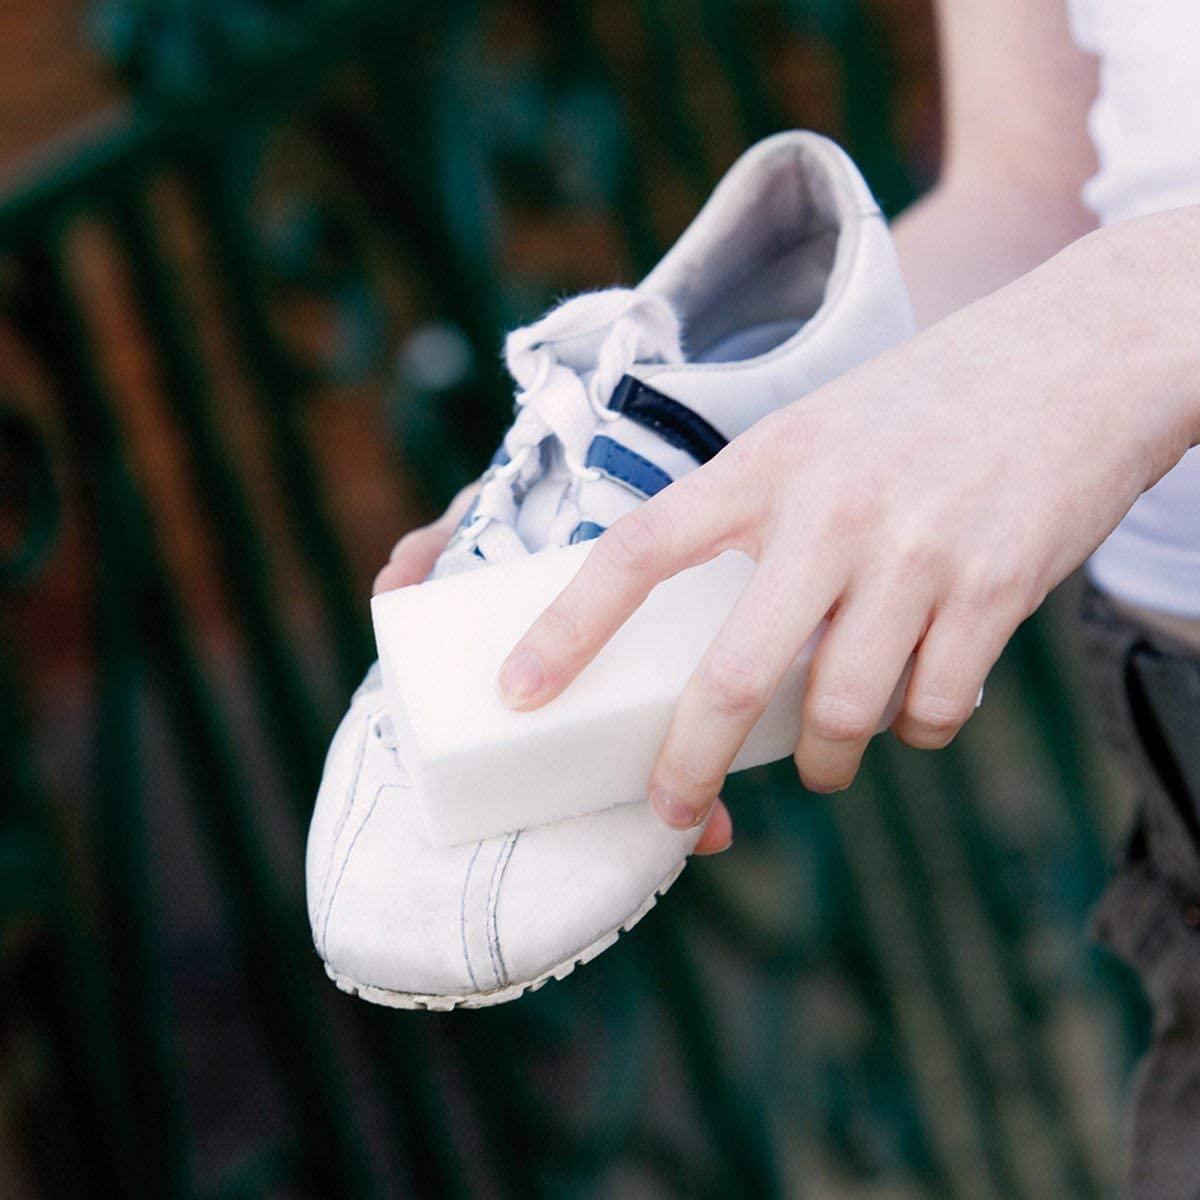 come-pulire-le-sneakers-bianche-senza-rovinarle-20